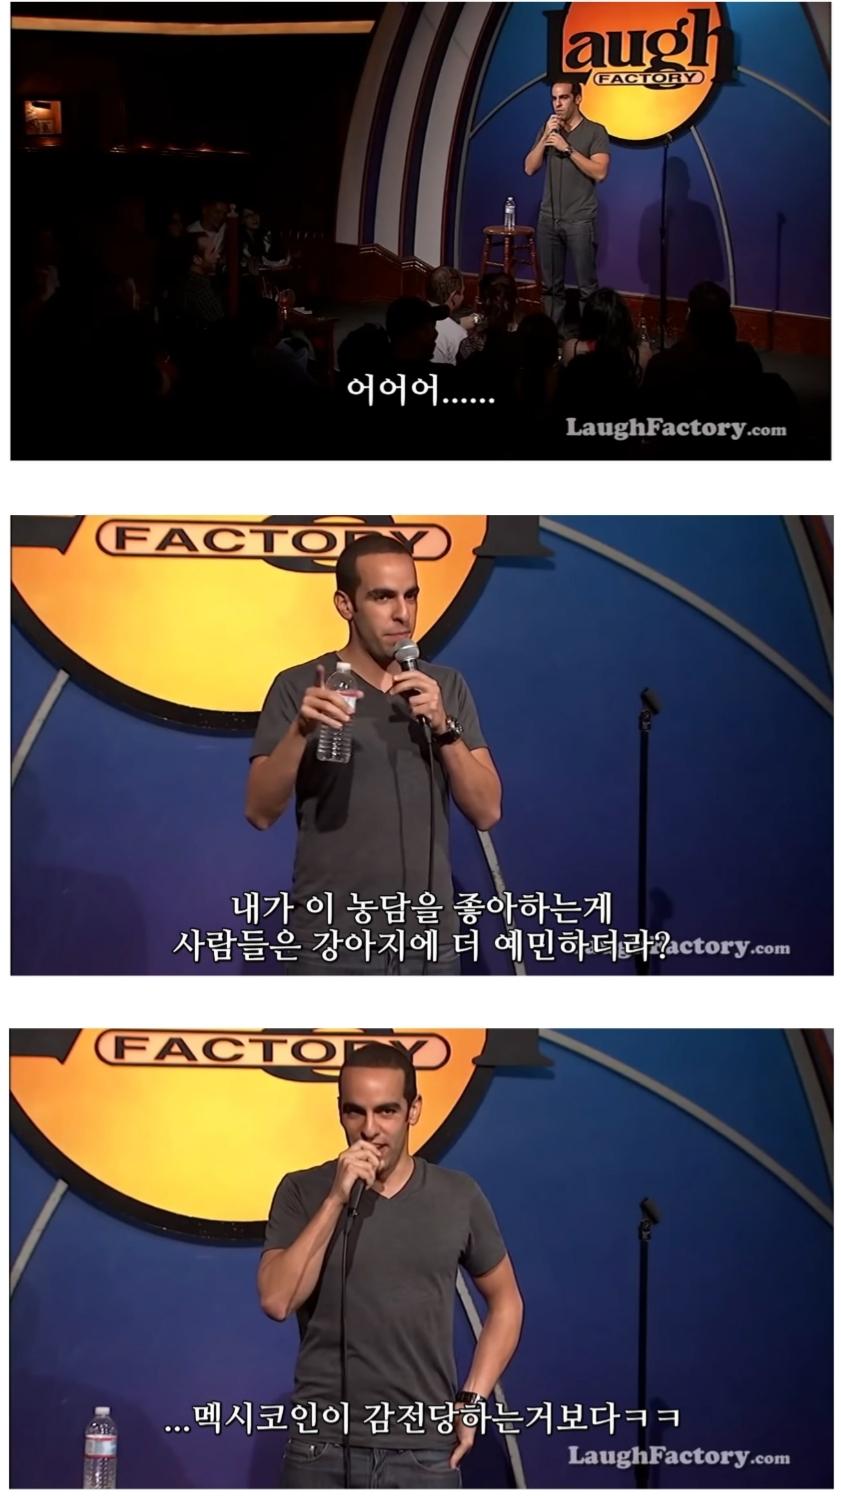 호기심 해결사를 좋아하는 코미디언 - 꾸르